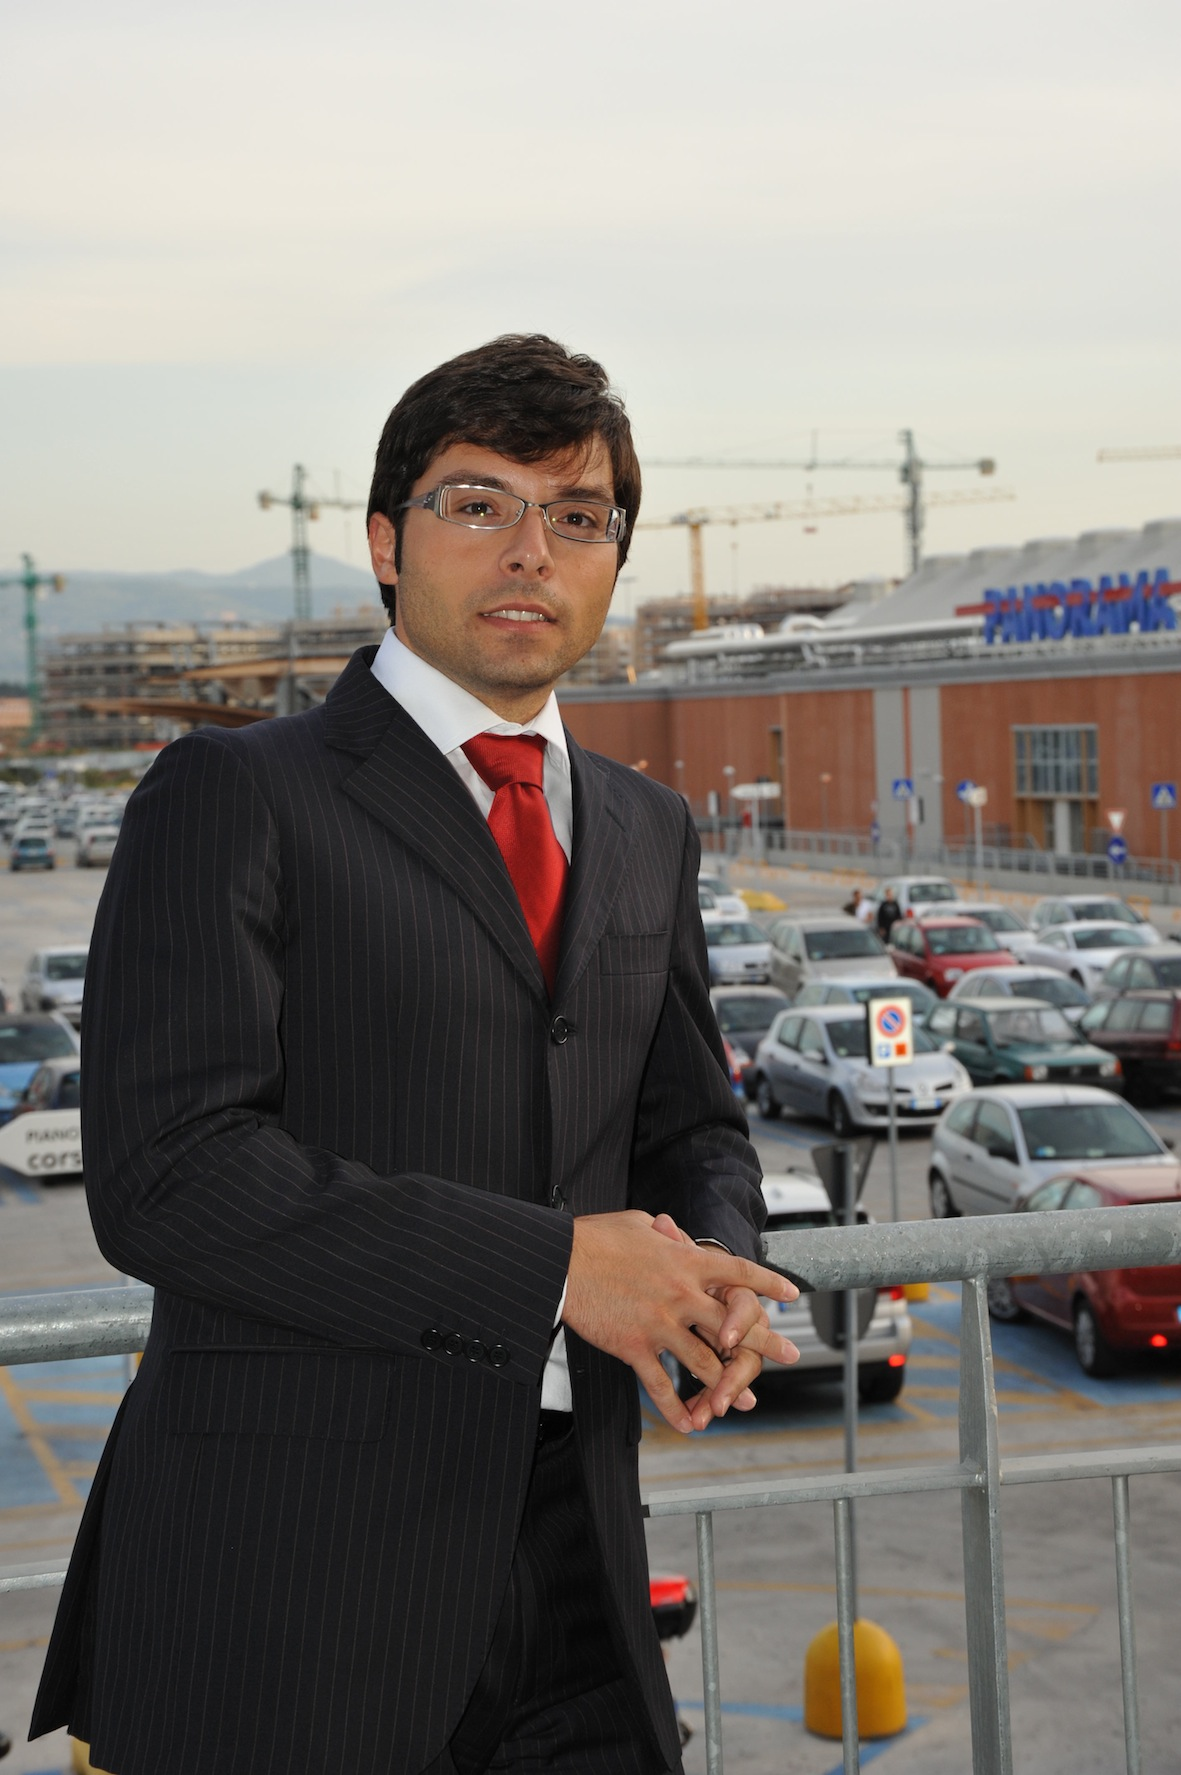 Centro commerciale Romaest: nel 2010 affluenza a +8,5. Quasi un acquisto per ogni visitatore, dato superiore alla   media dei centri commerciali italiani